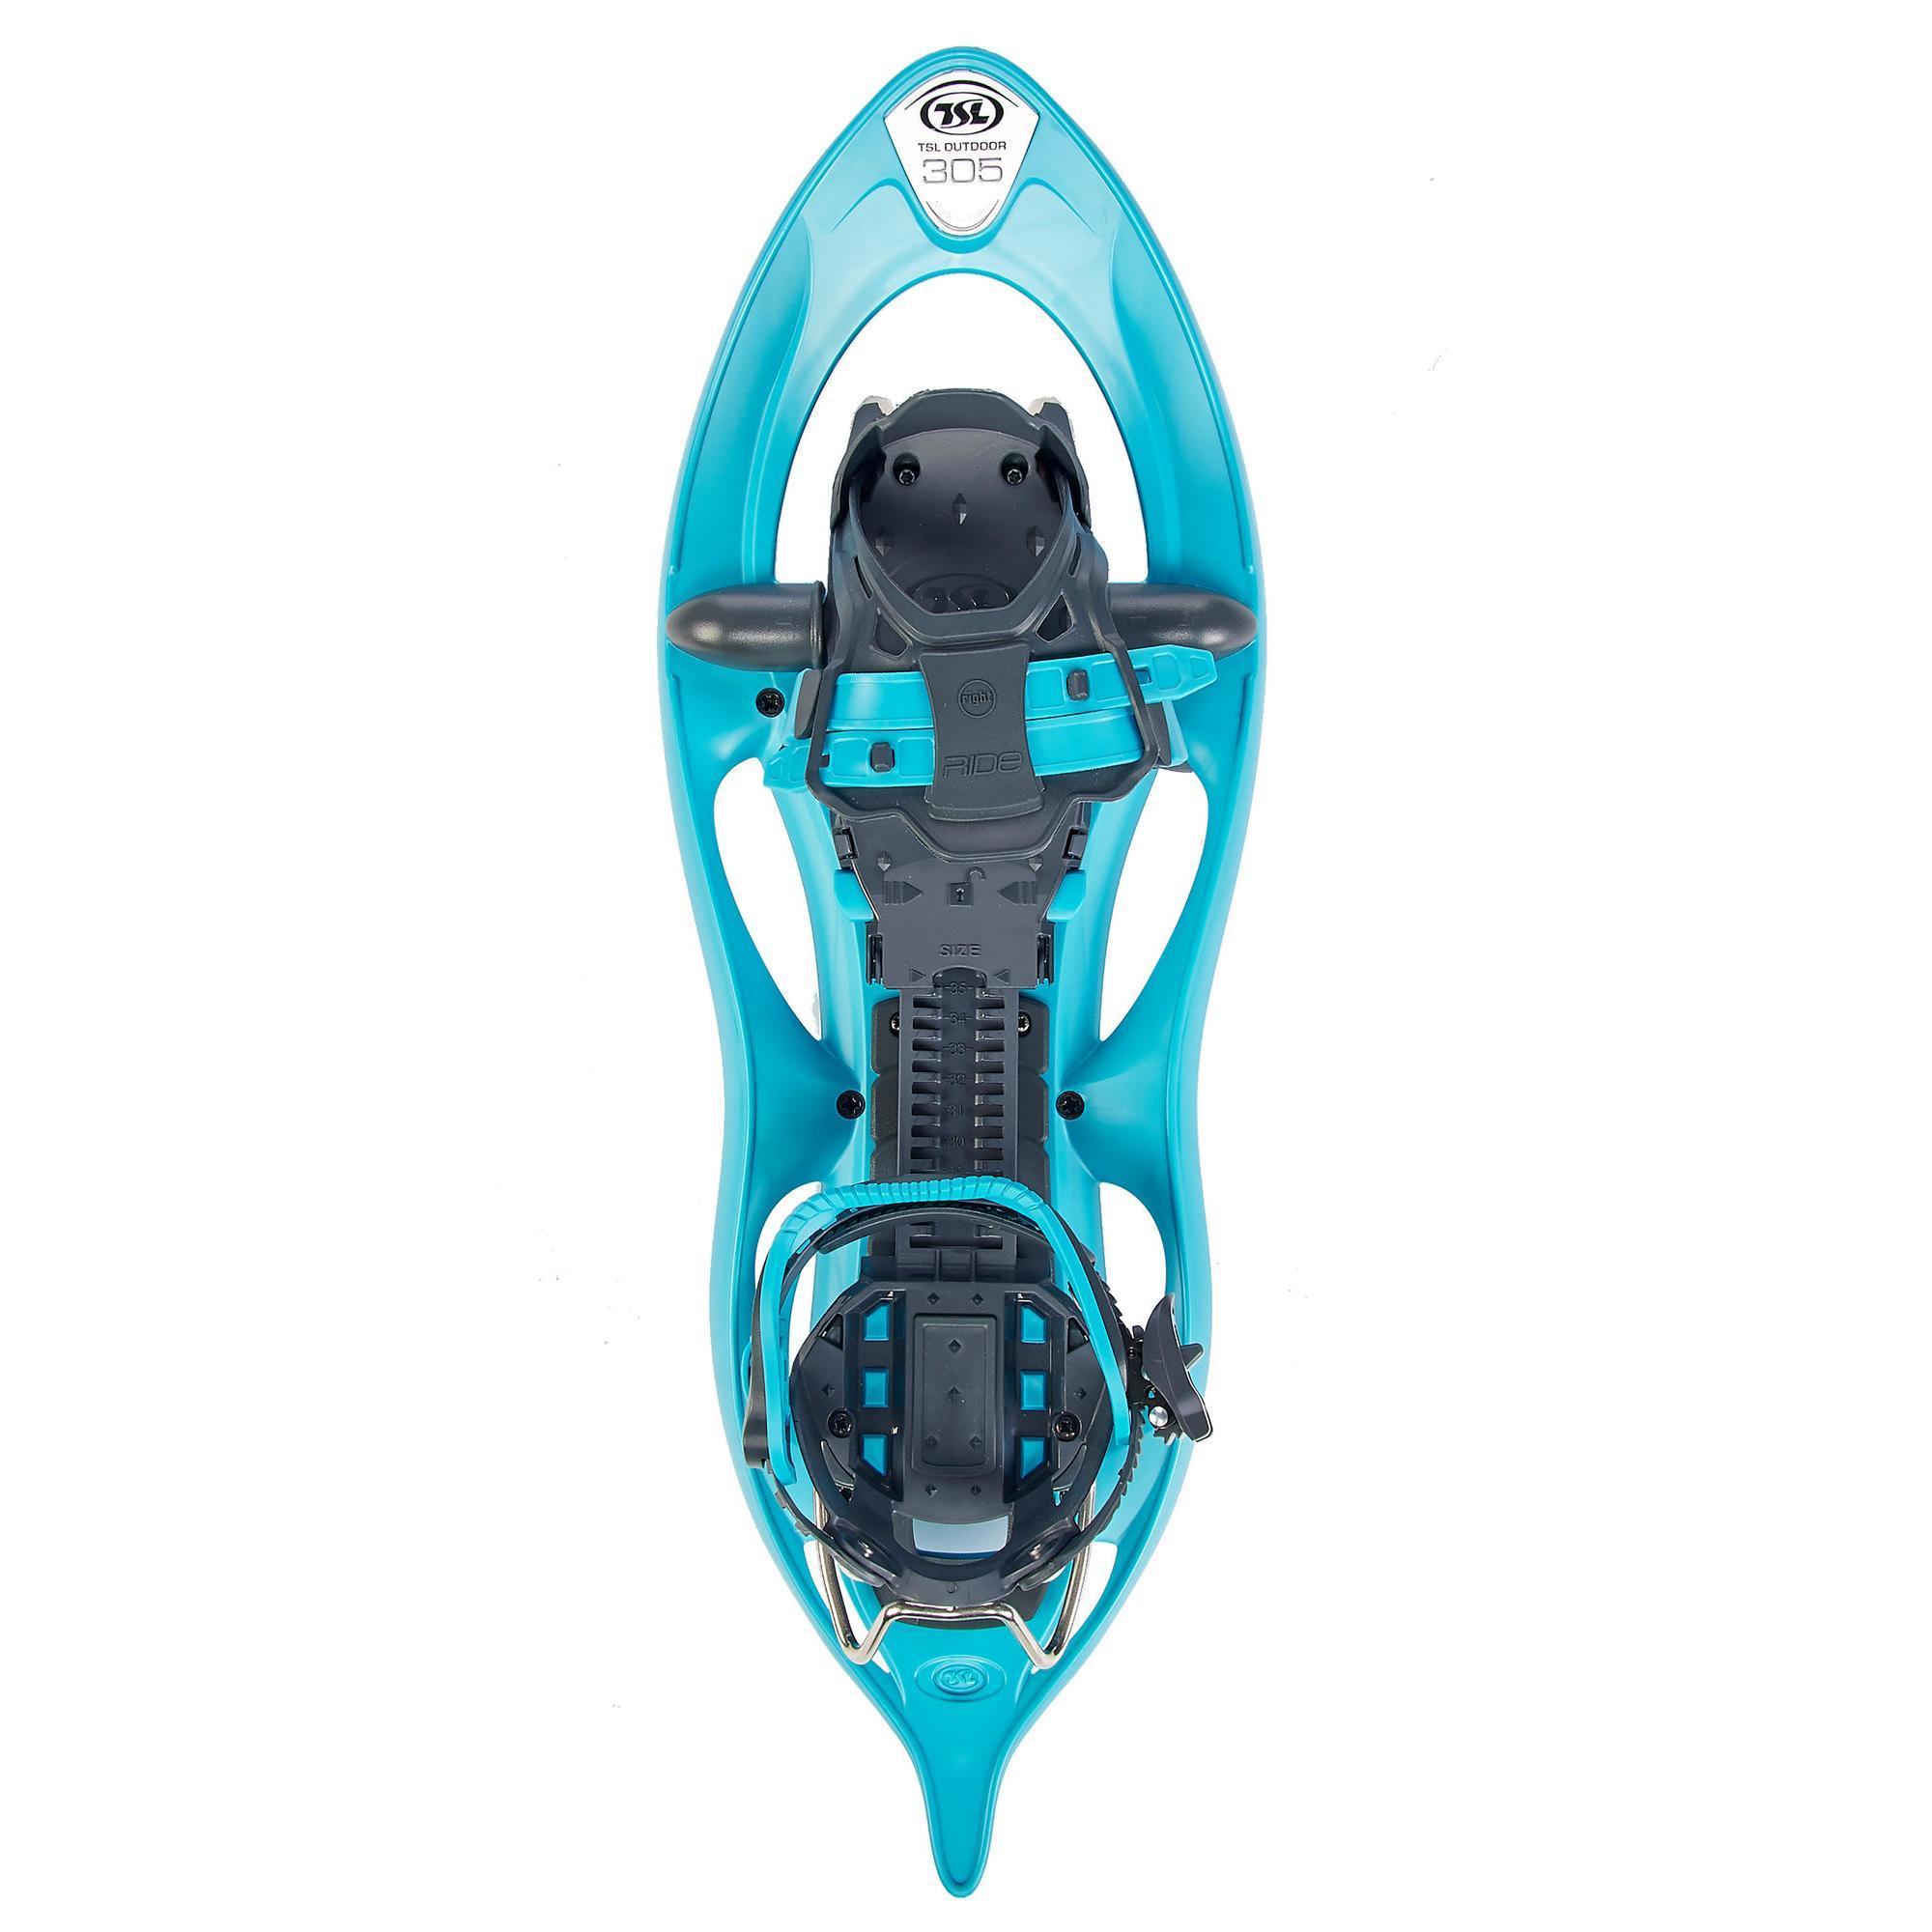 Schneeschuhe TSL 305 Ride kleiner Rahmen blau | Schuhe > Sportschuhe > Schneeschuhe | Blau - Türkis | Tsl